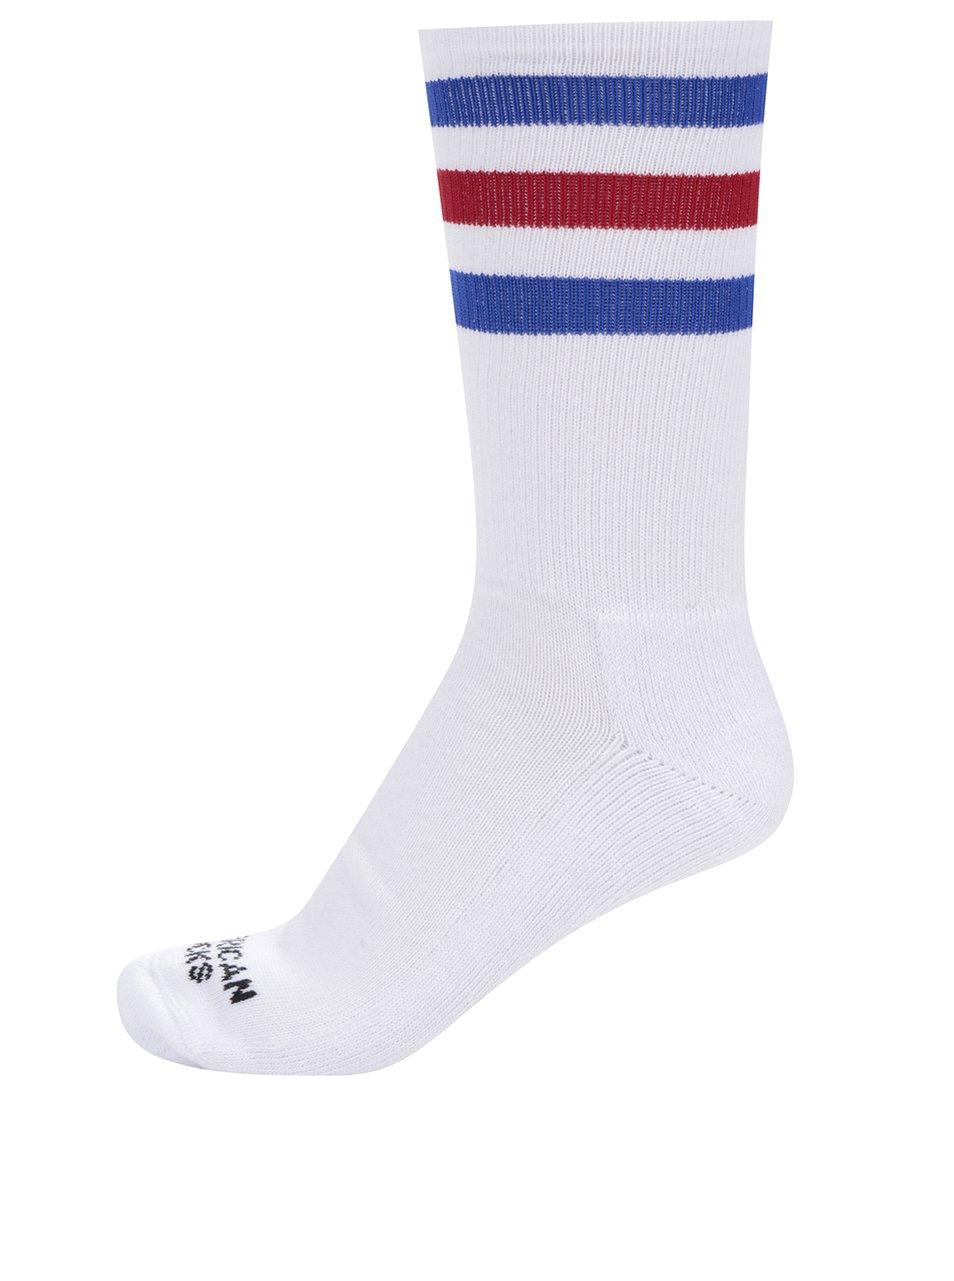 Bílé pánské ponožky s pruhy American socks Pride II.